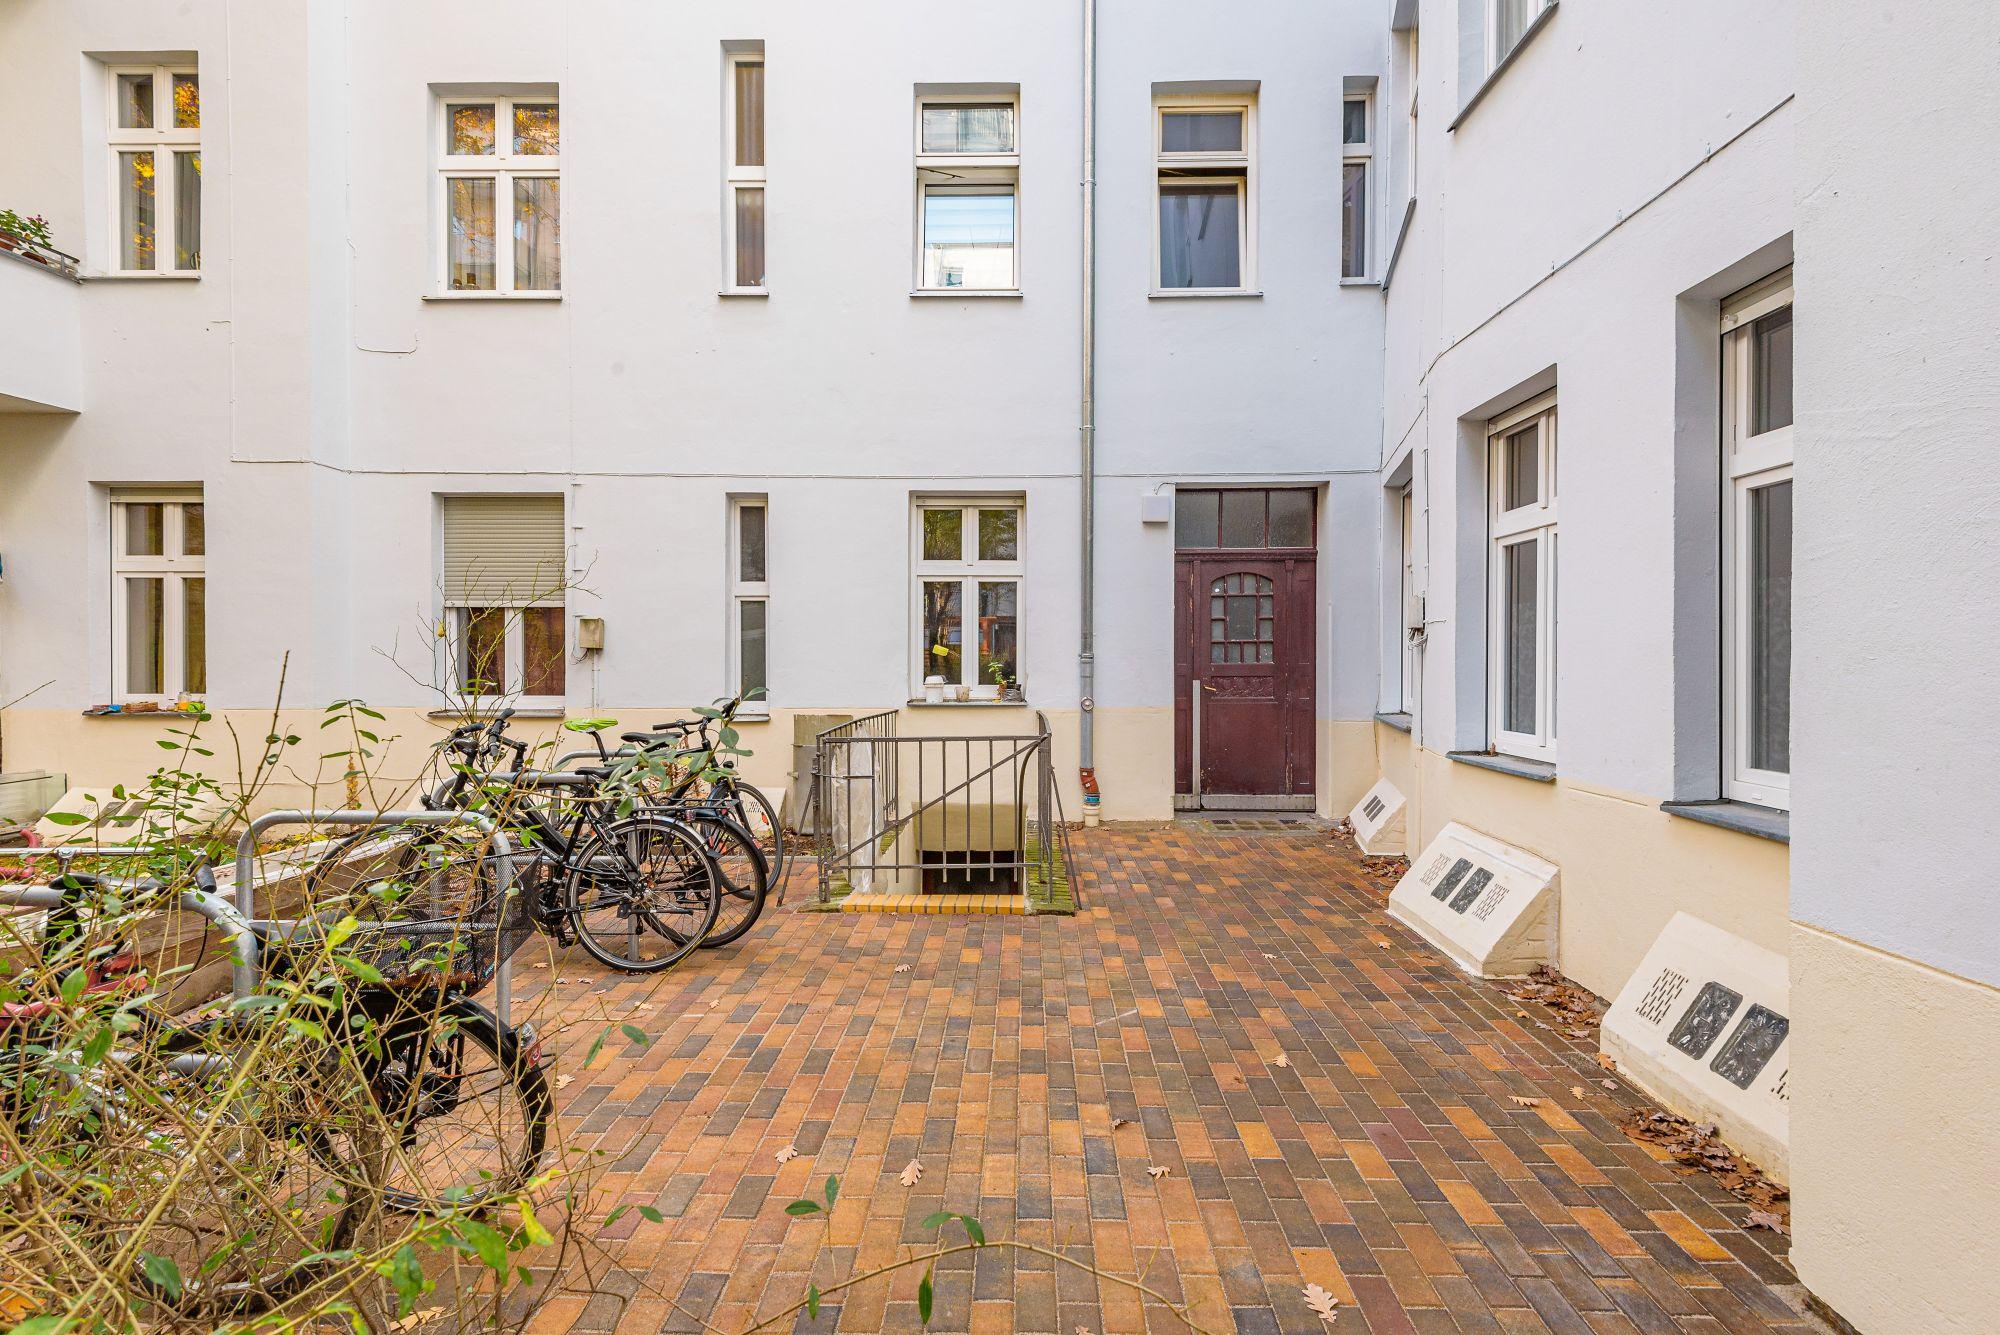 Elb6 - Innenhof